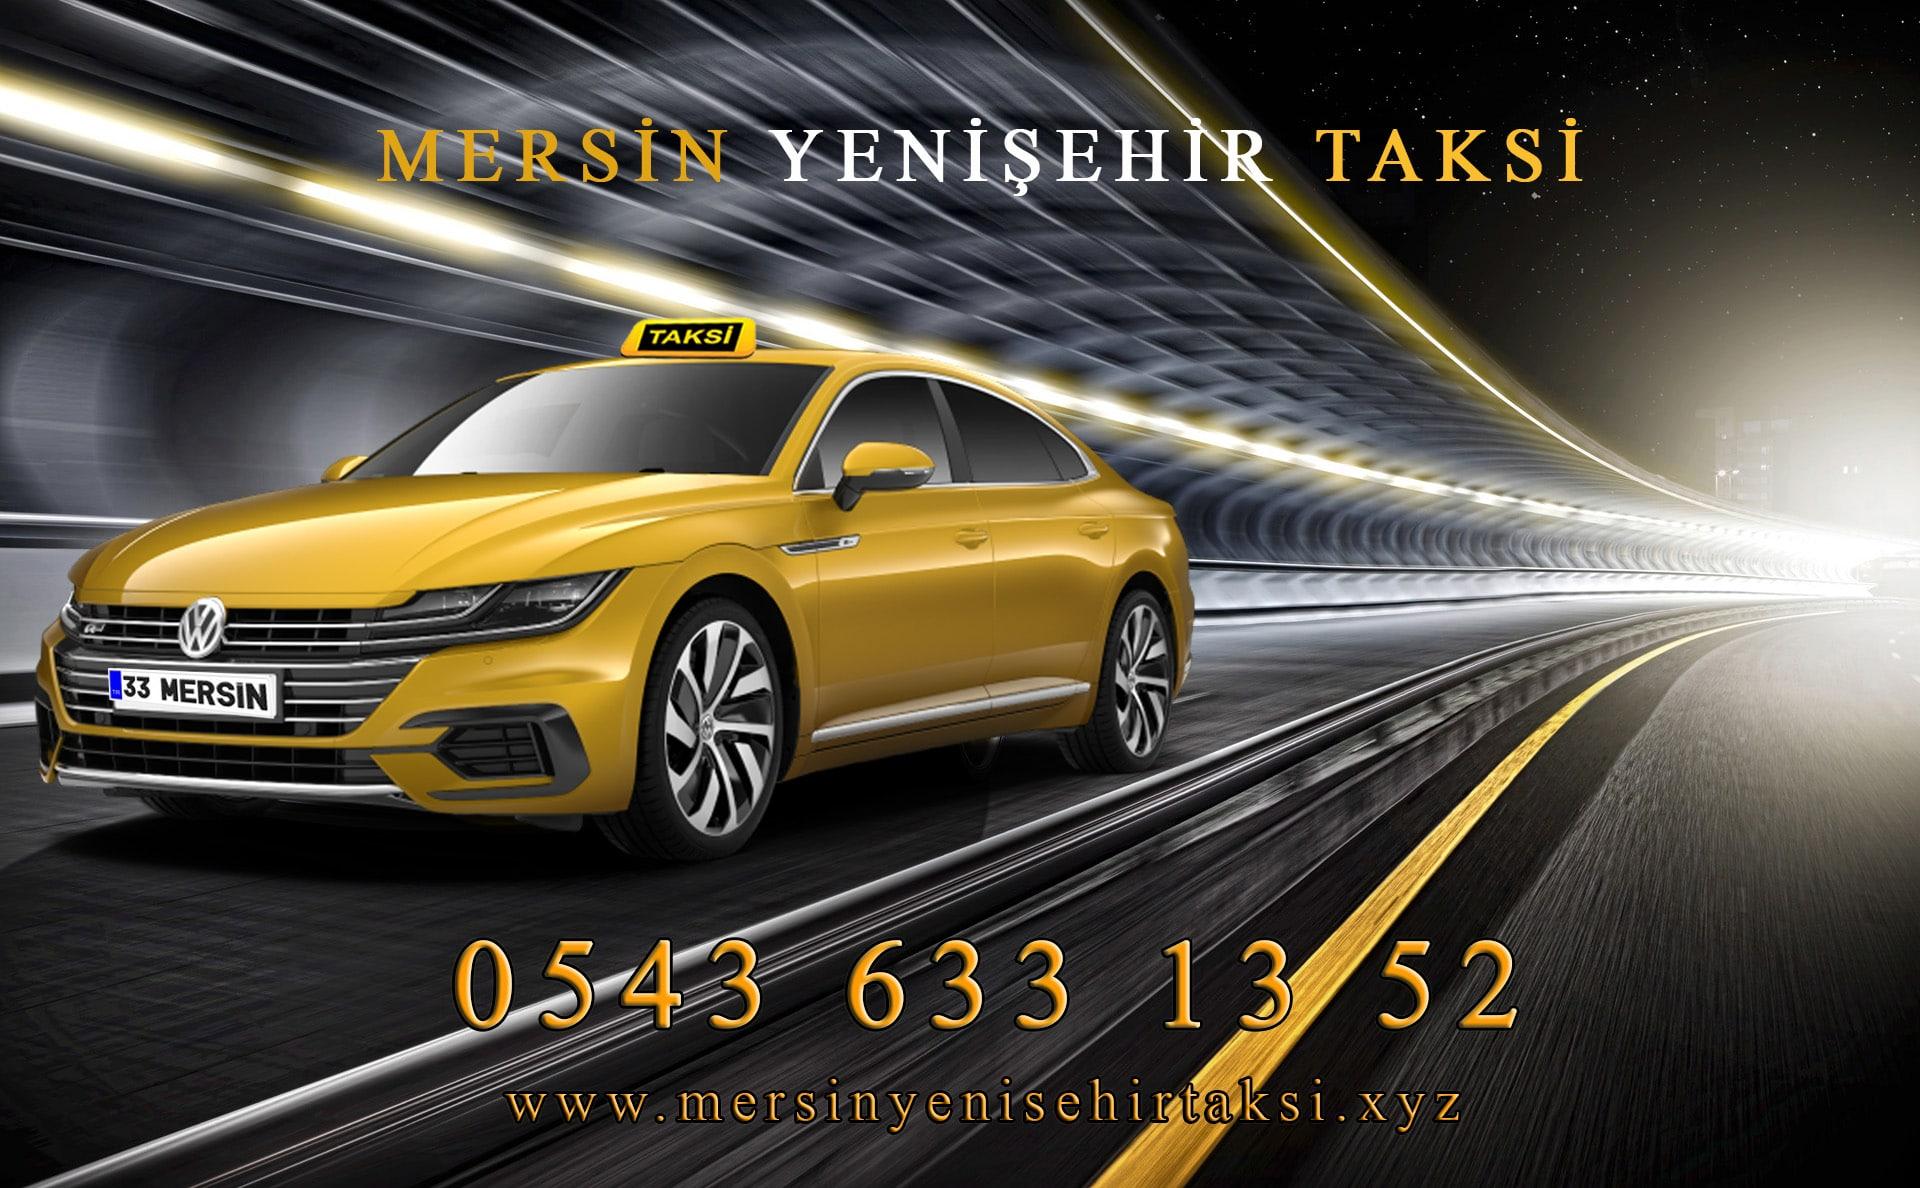 mersin yenişehir taksi